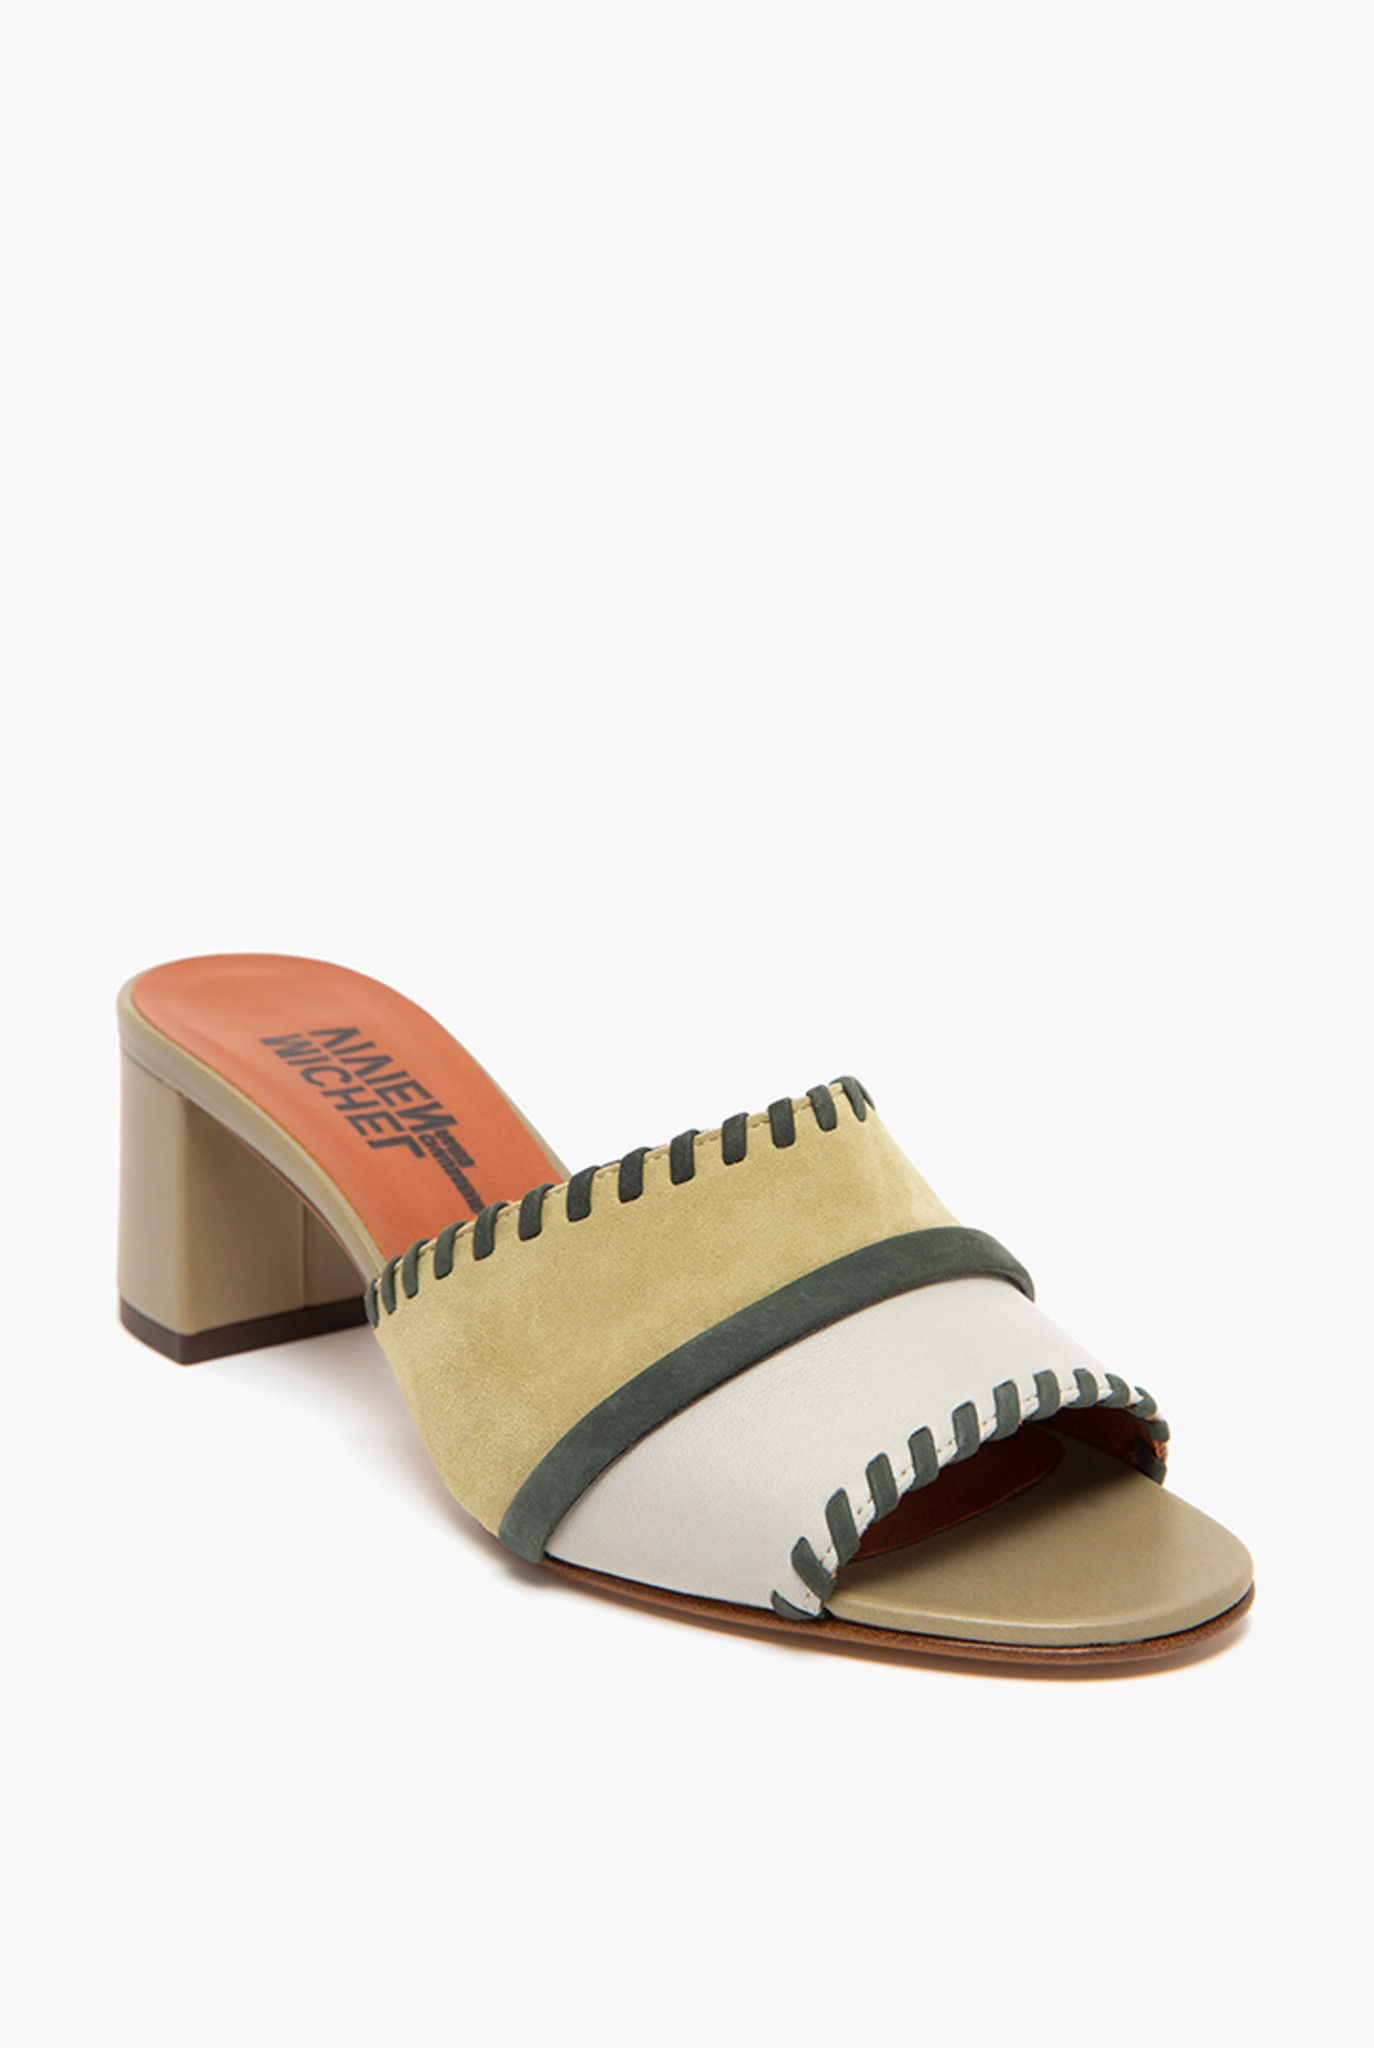 Laon sandal Beige Pistachio